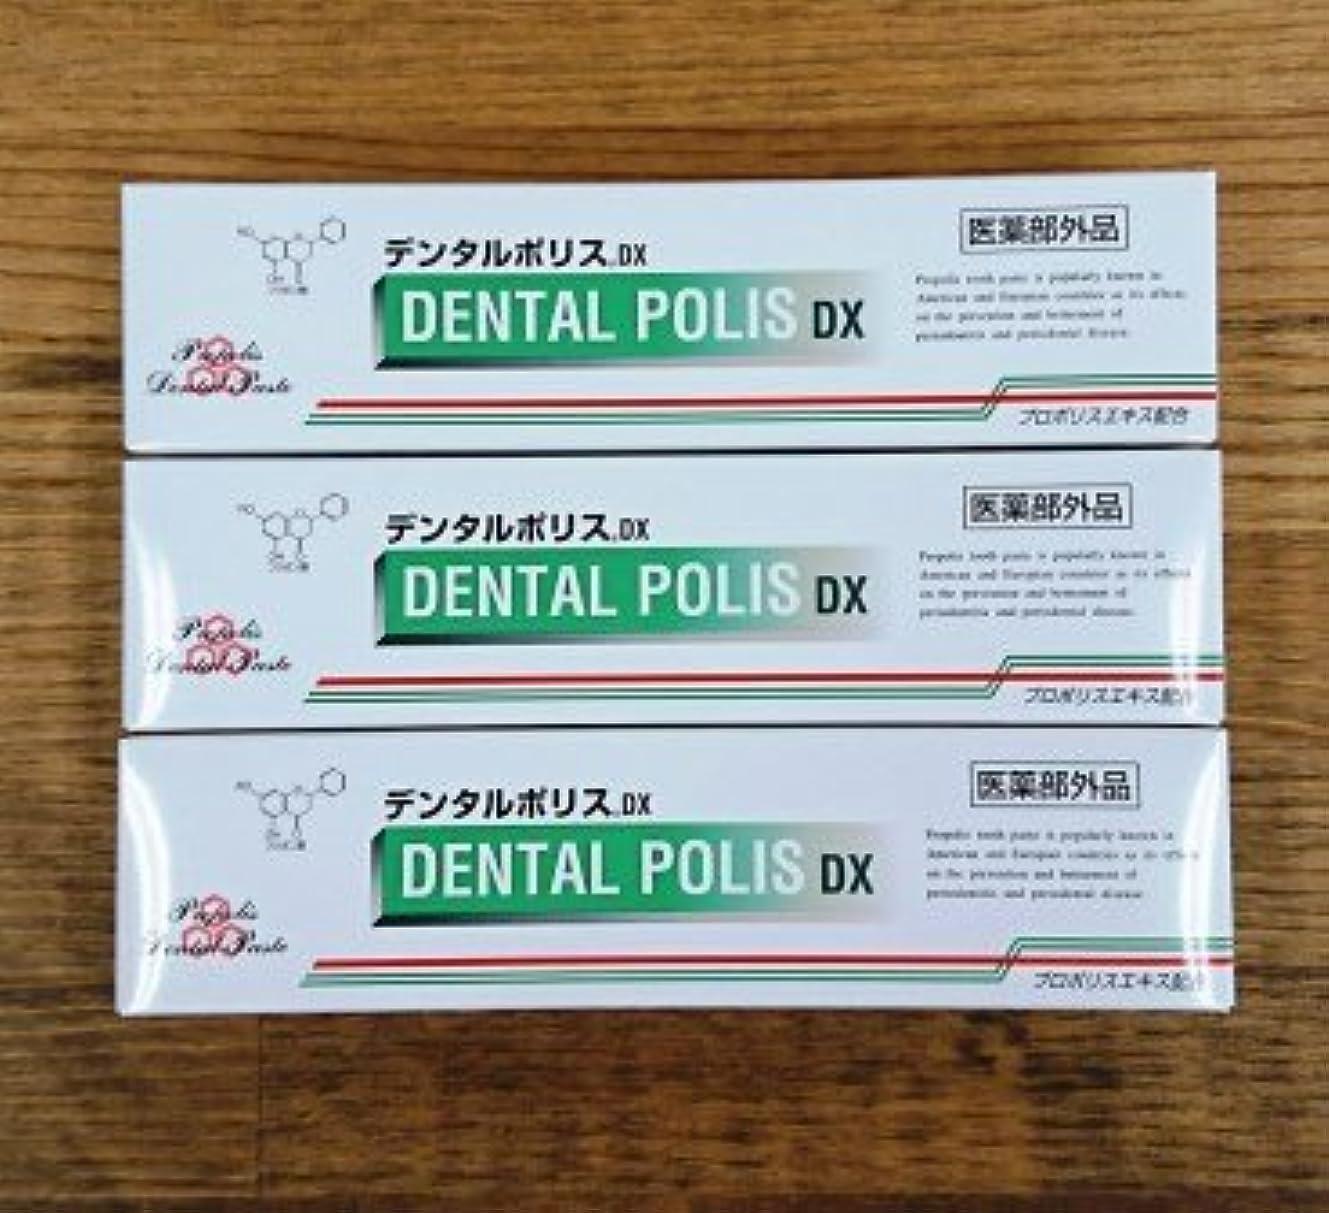 看板ルーキー三角デンタルポリスDX80g×3本セット 医薬部外品  歯みがき